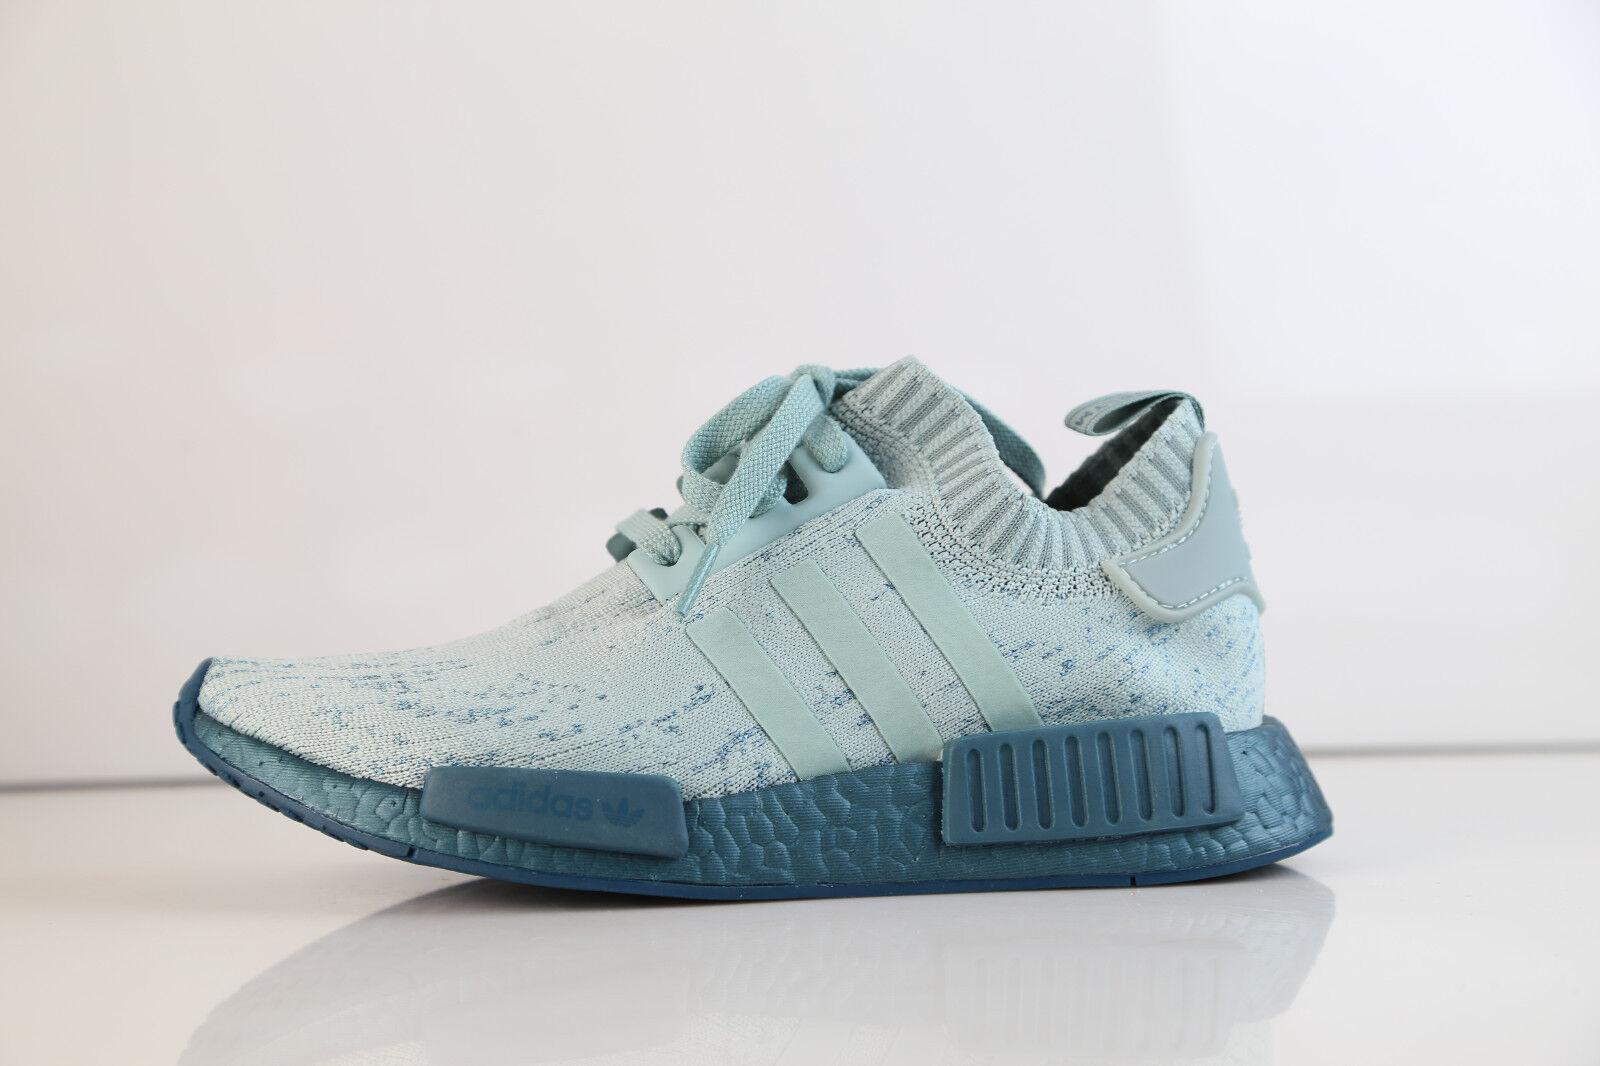 Adidas Originals Mujer NMD R1 W cristal PK mar verde cristal W cg3601 7 9 alzar el último descuento zapatos para hombres y mujeres bb8af6